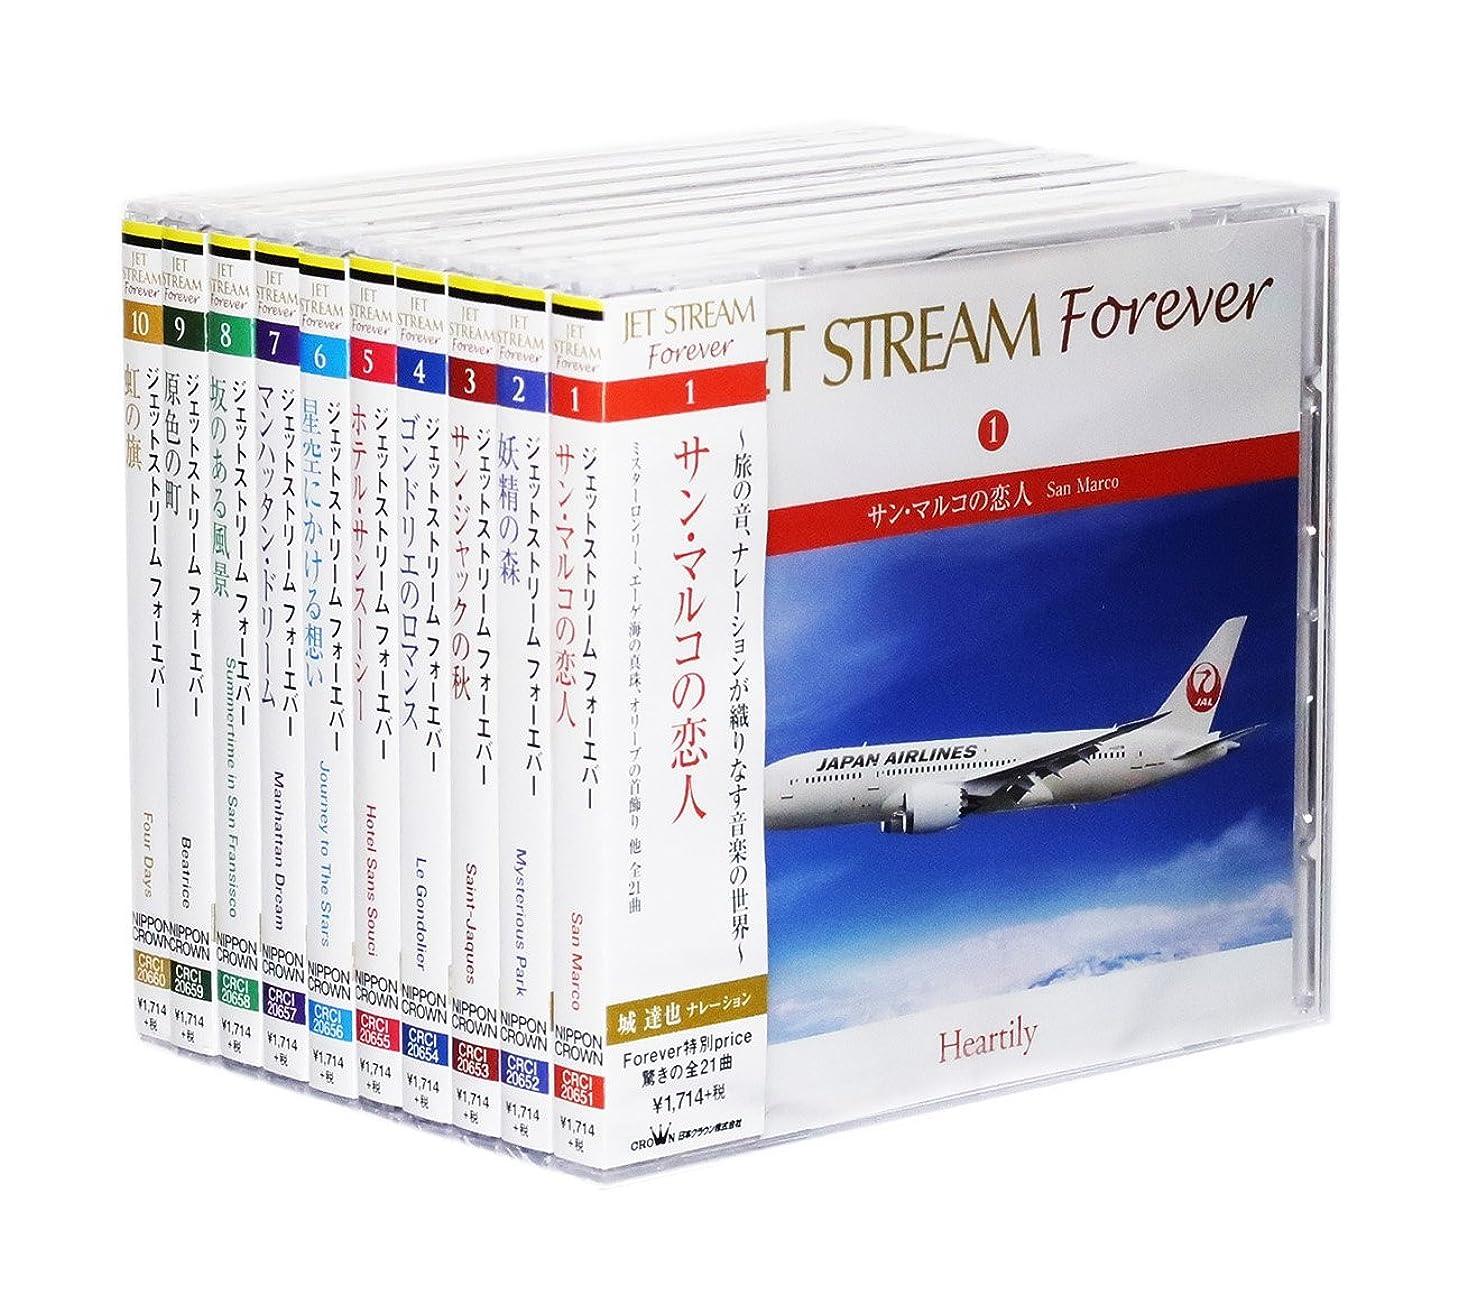 国勢調査露文言ジェットストリーム FOREVER CD全10枚組セット (収納ケース付) セット